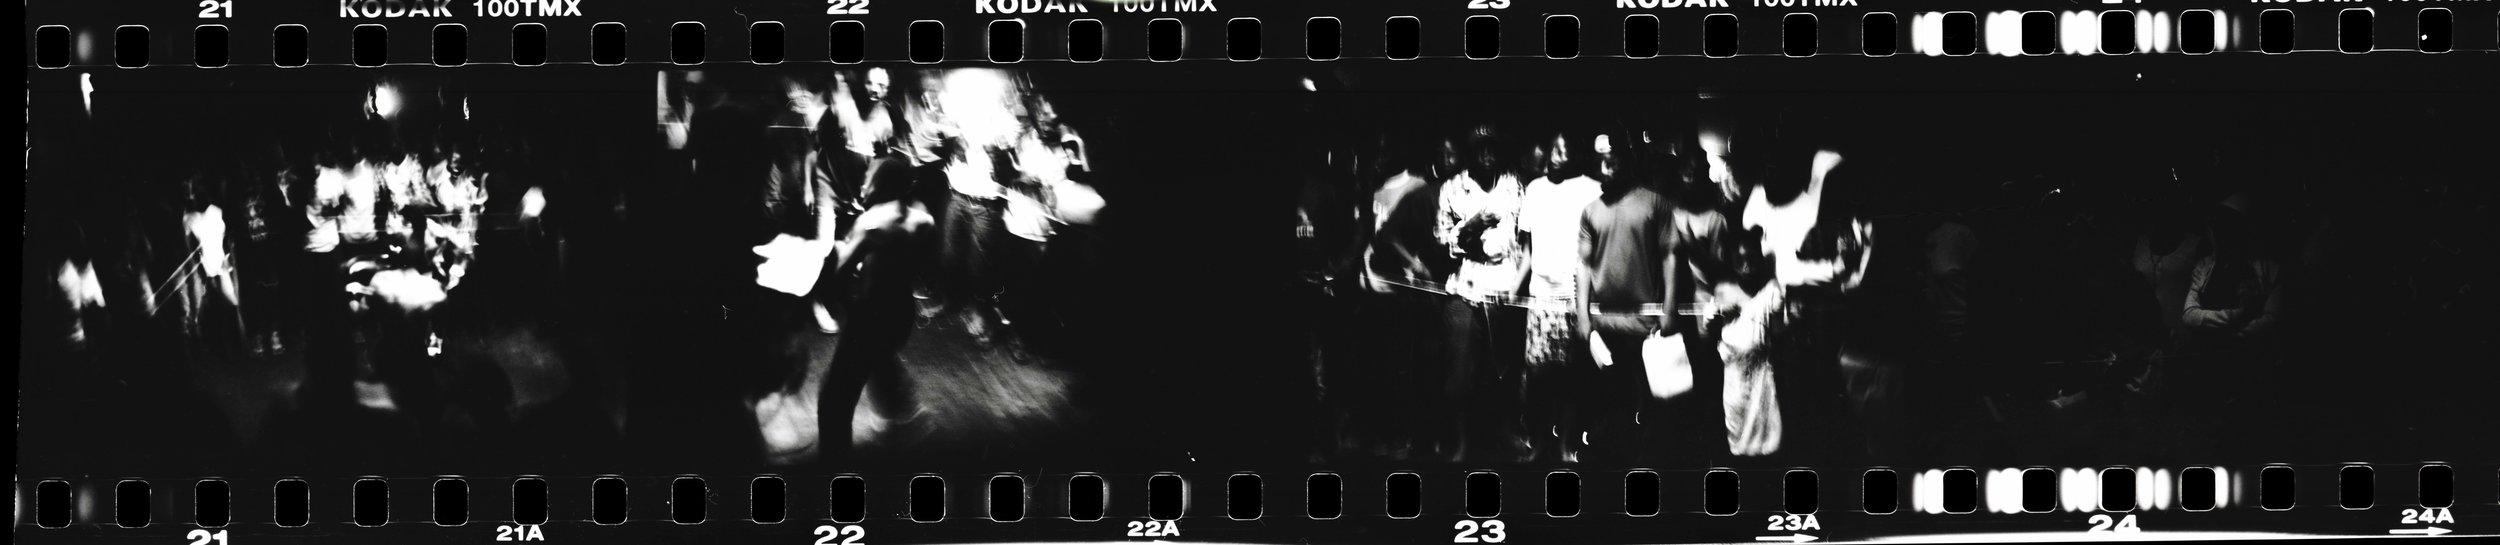 Frame290.jpg